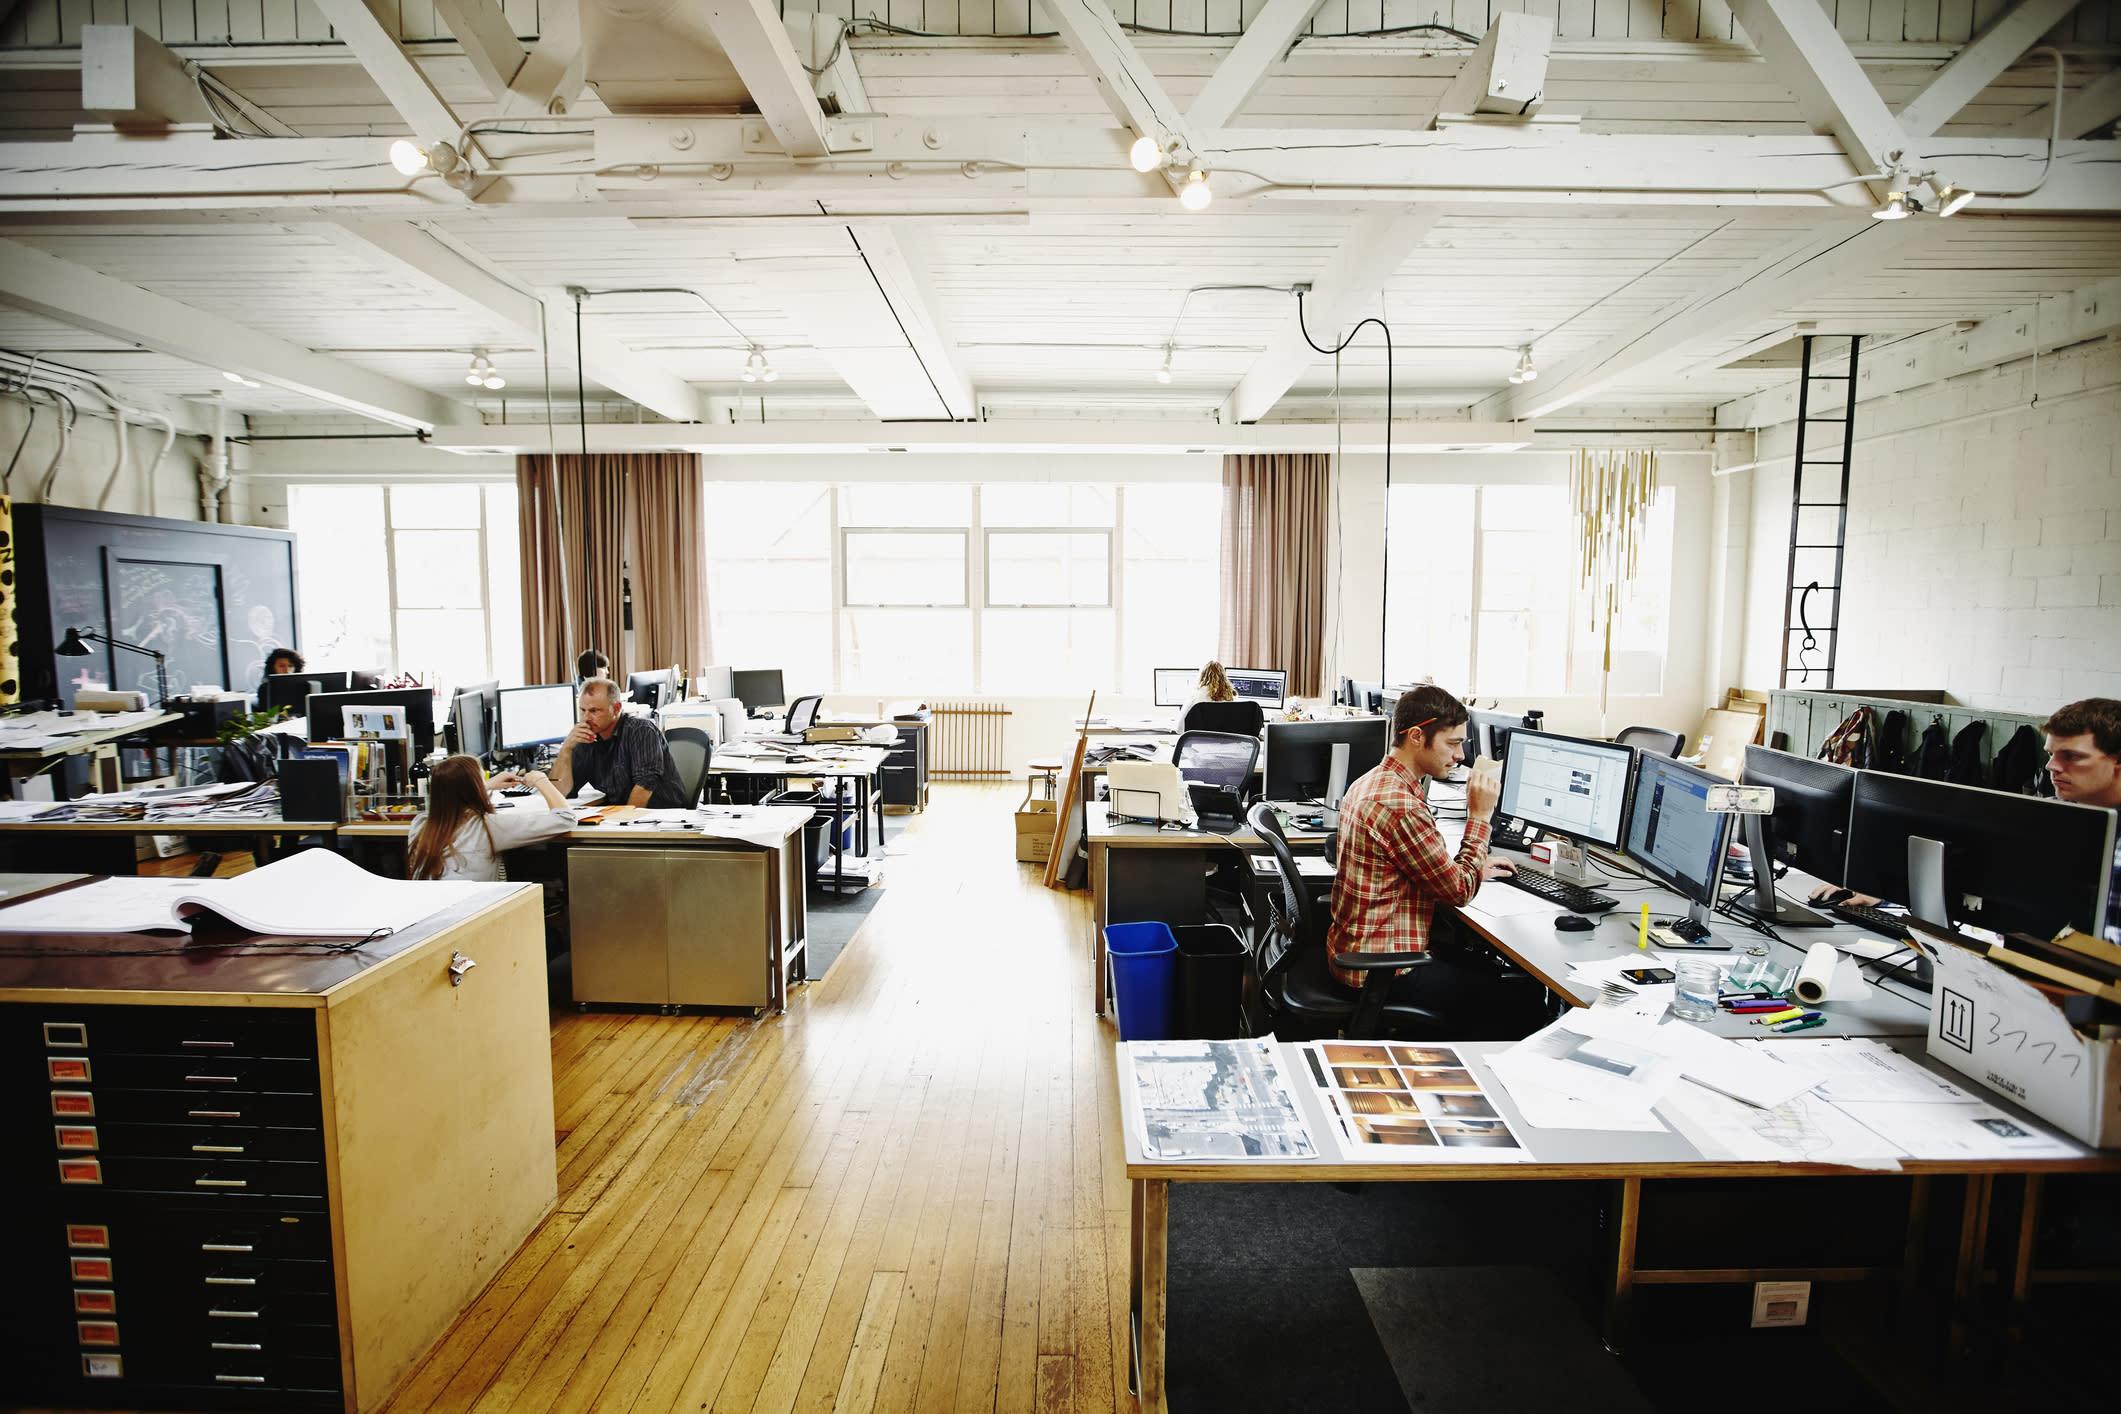 Lavorare In Ufficio Yahoo : Offerte di lavoro ad arzignano e provincia di vicenza del dicembre